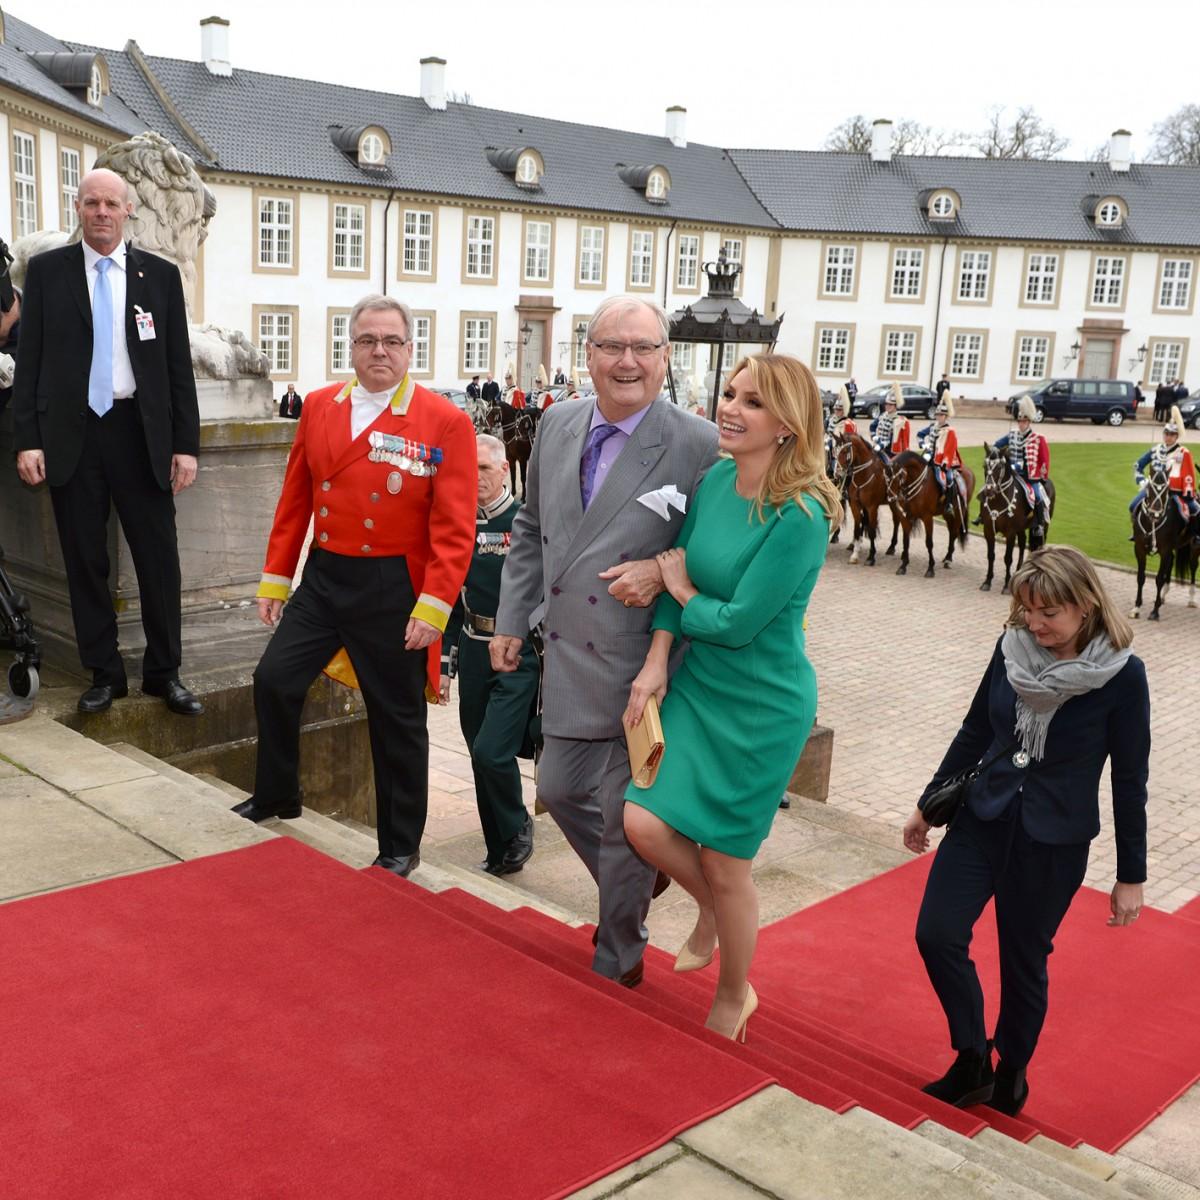 Pressefotograf Peter Dahlerup på Fredensborg Slot